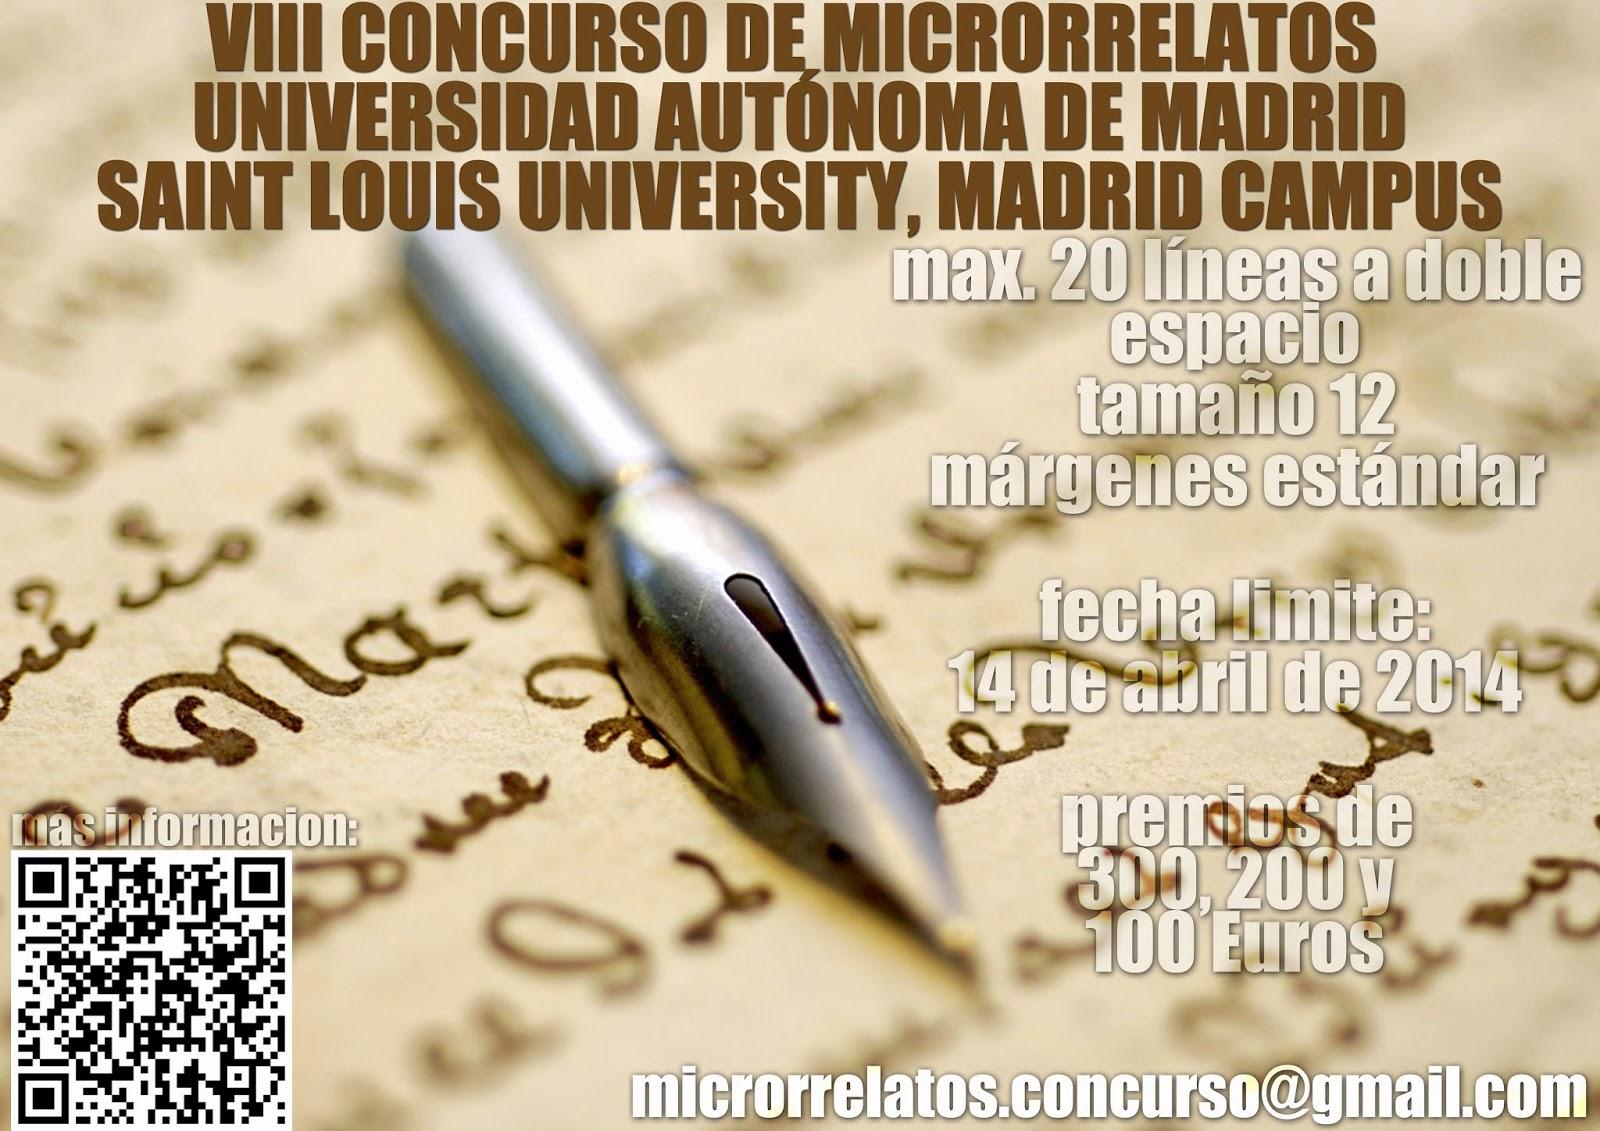 VIII edición del Concurso de Microrrelatos, Literaturas Hispánicas, Universidad Autónoma de Madrid y la Saint Louis University